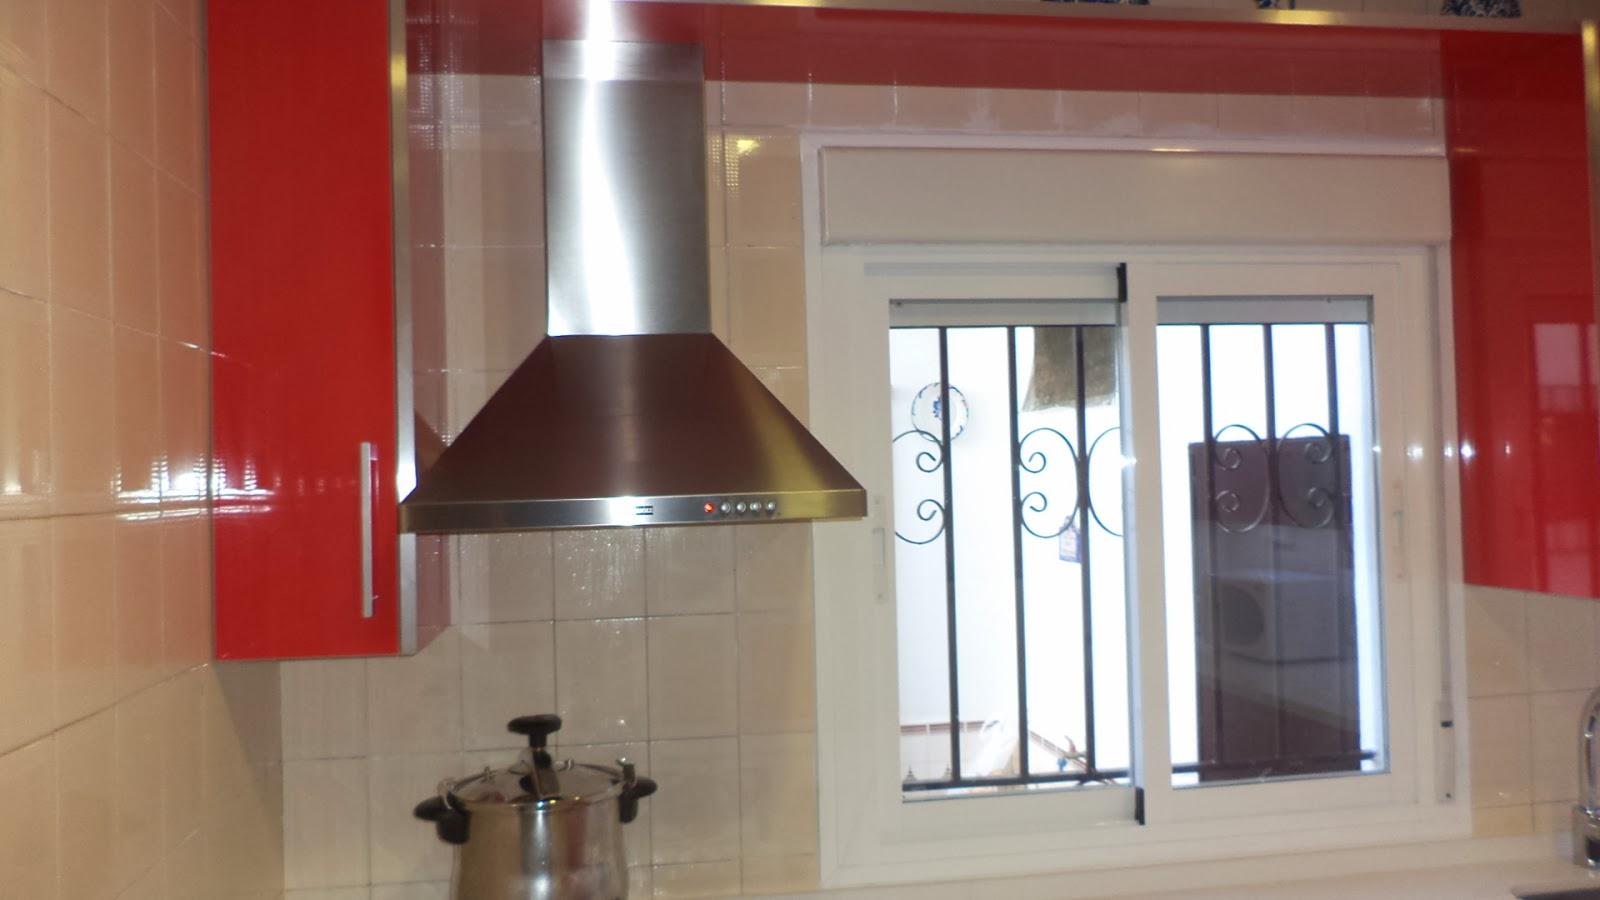 Muebles sevilla barbero 8 cocina en formica roja y for Muebles de cocina sevilla